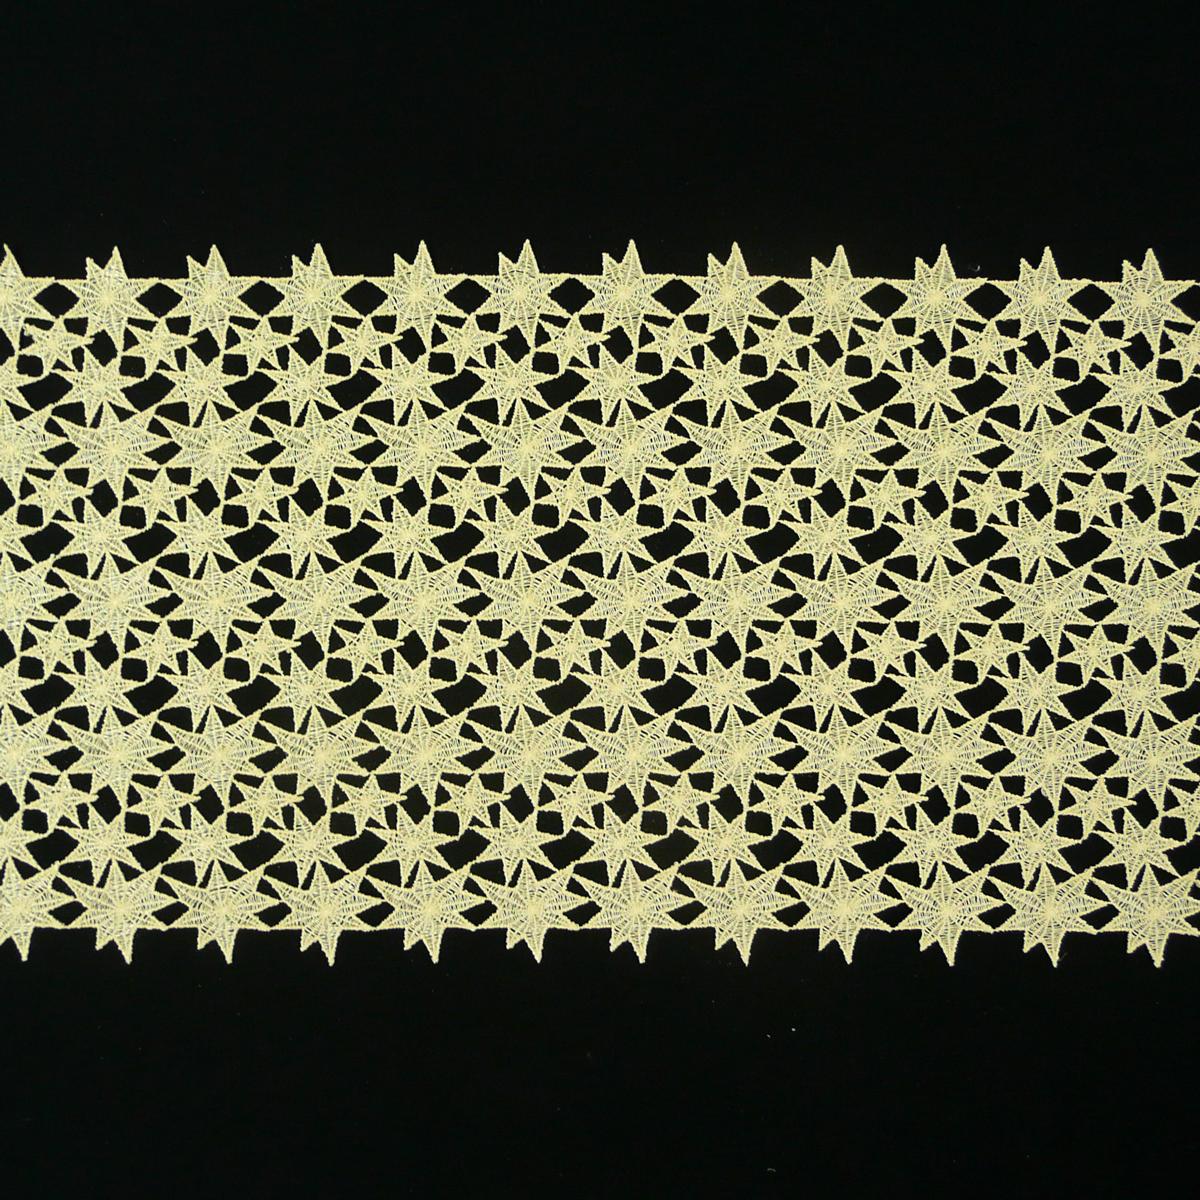 borte spitzenborte tischl ufer sterne goldfarbig meterware breite 40cm n hzubeh r b nder borten. Black Bedroom Furniture Sets. Home Design Ideas